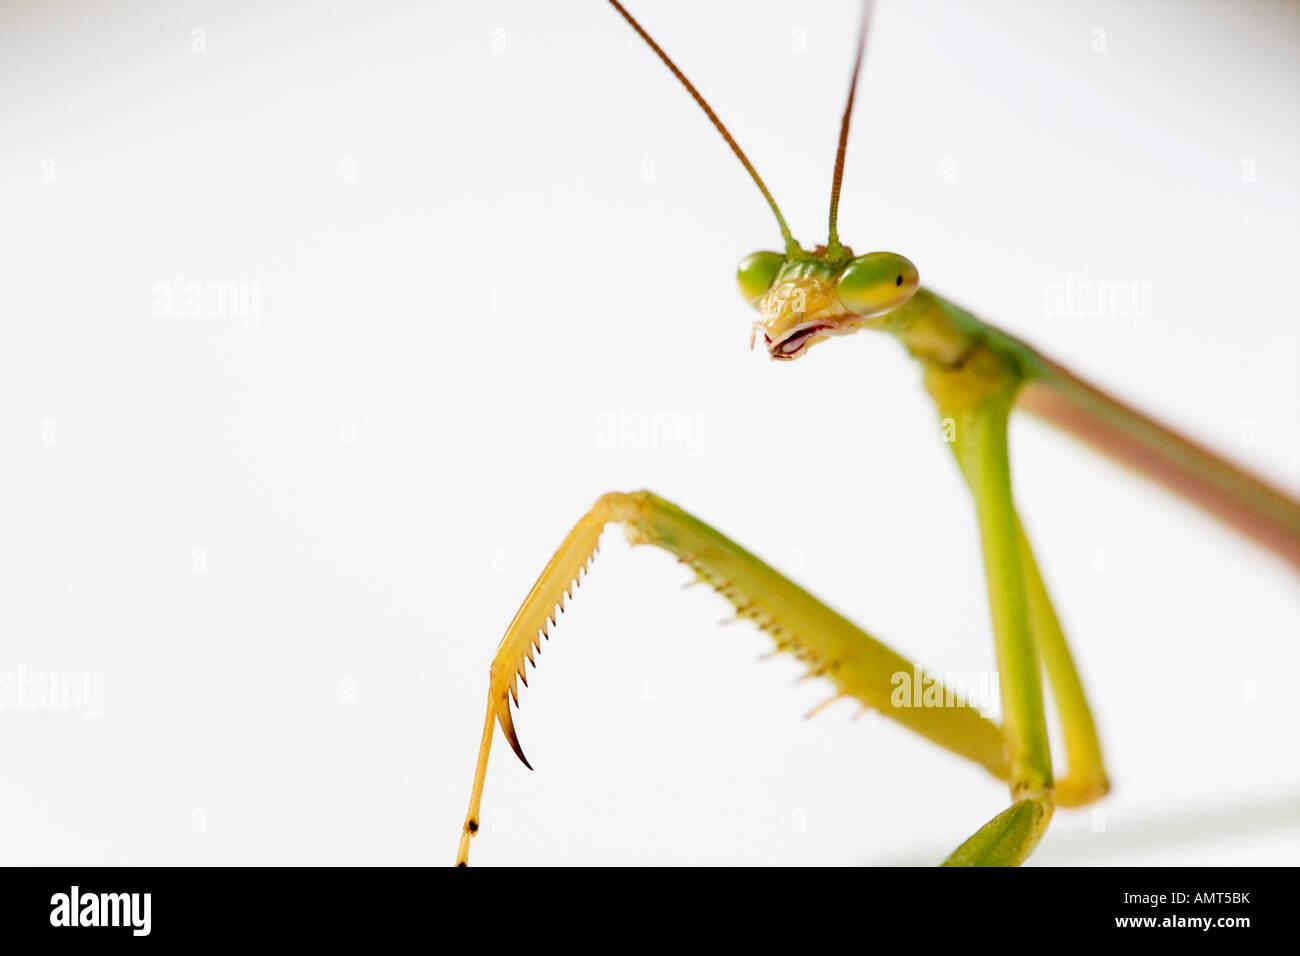 Praying mantis portrait on white Photo Stock